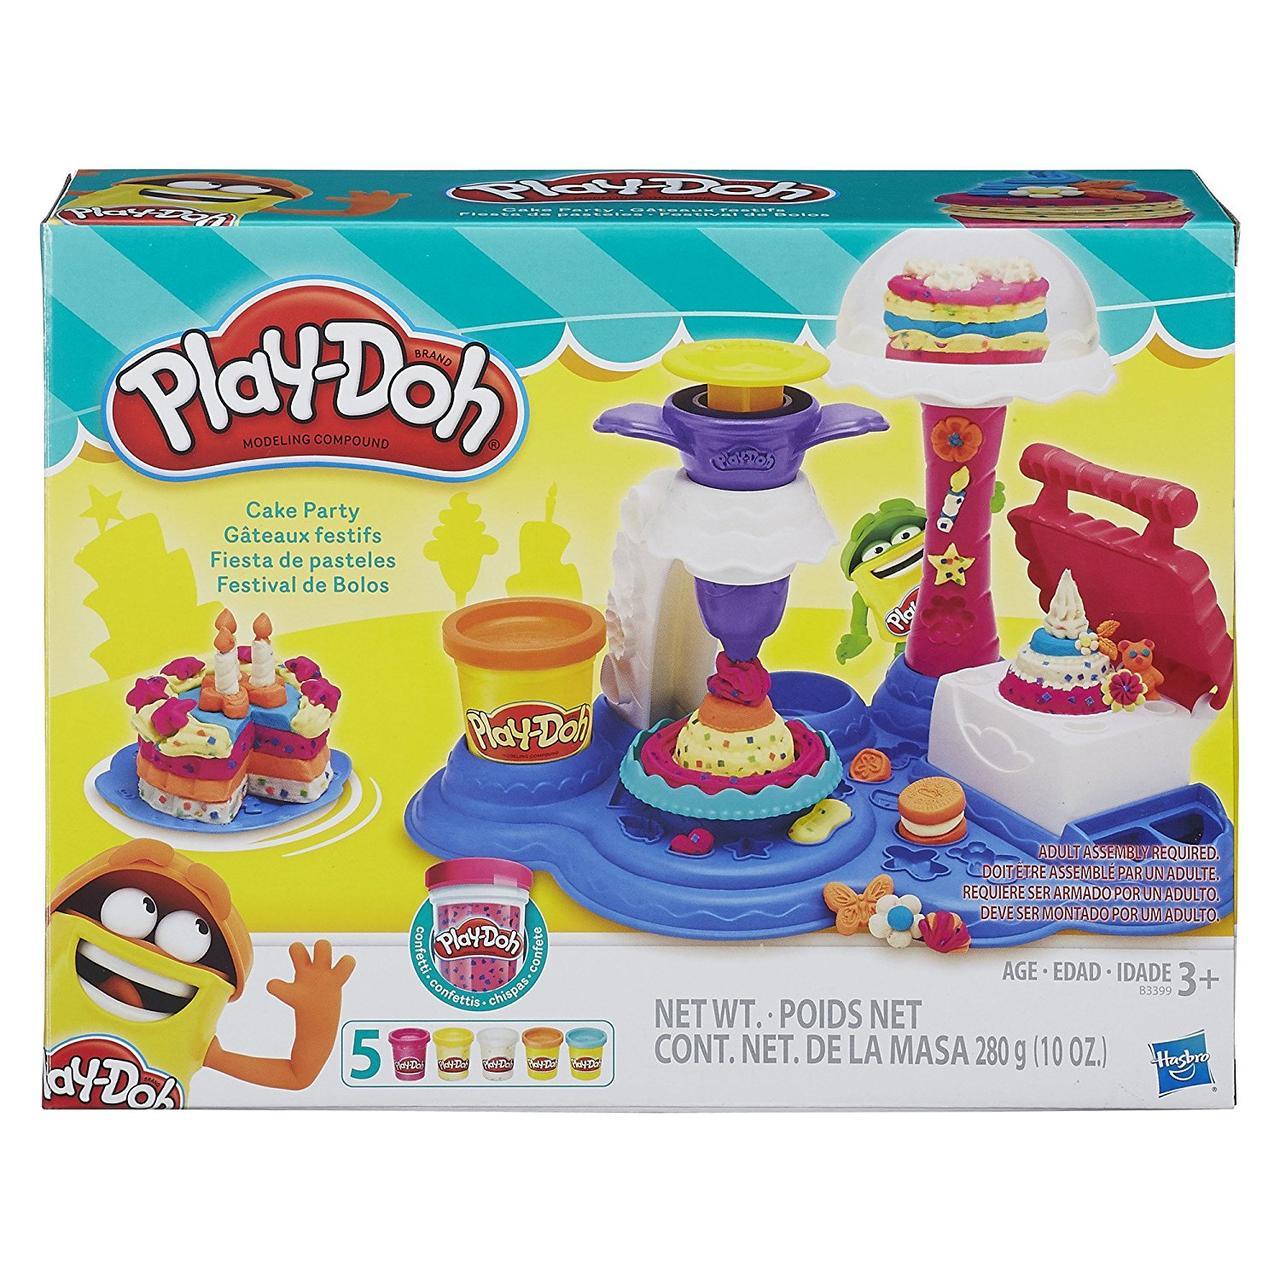 Игровой набор Сладкая вечеринка Плей До оригинал набор Play-Doh Cake Party Hasbro